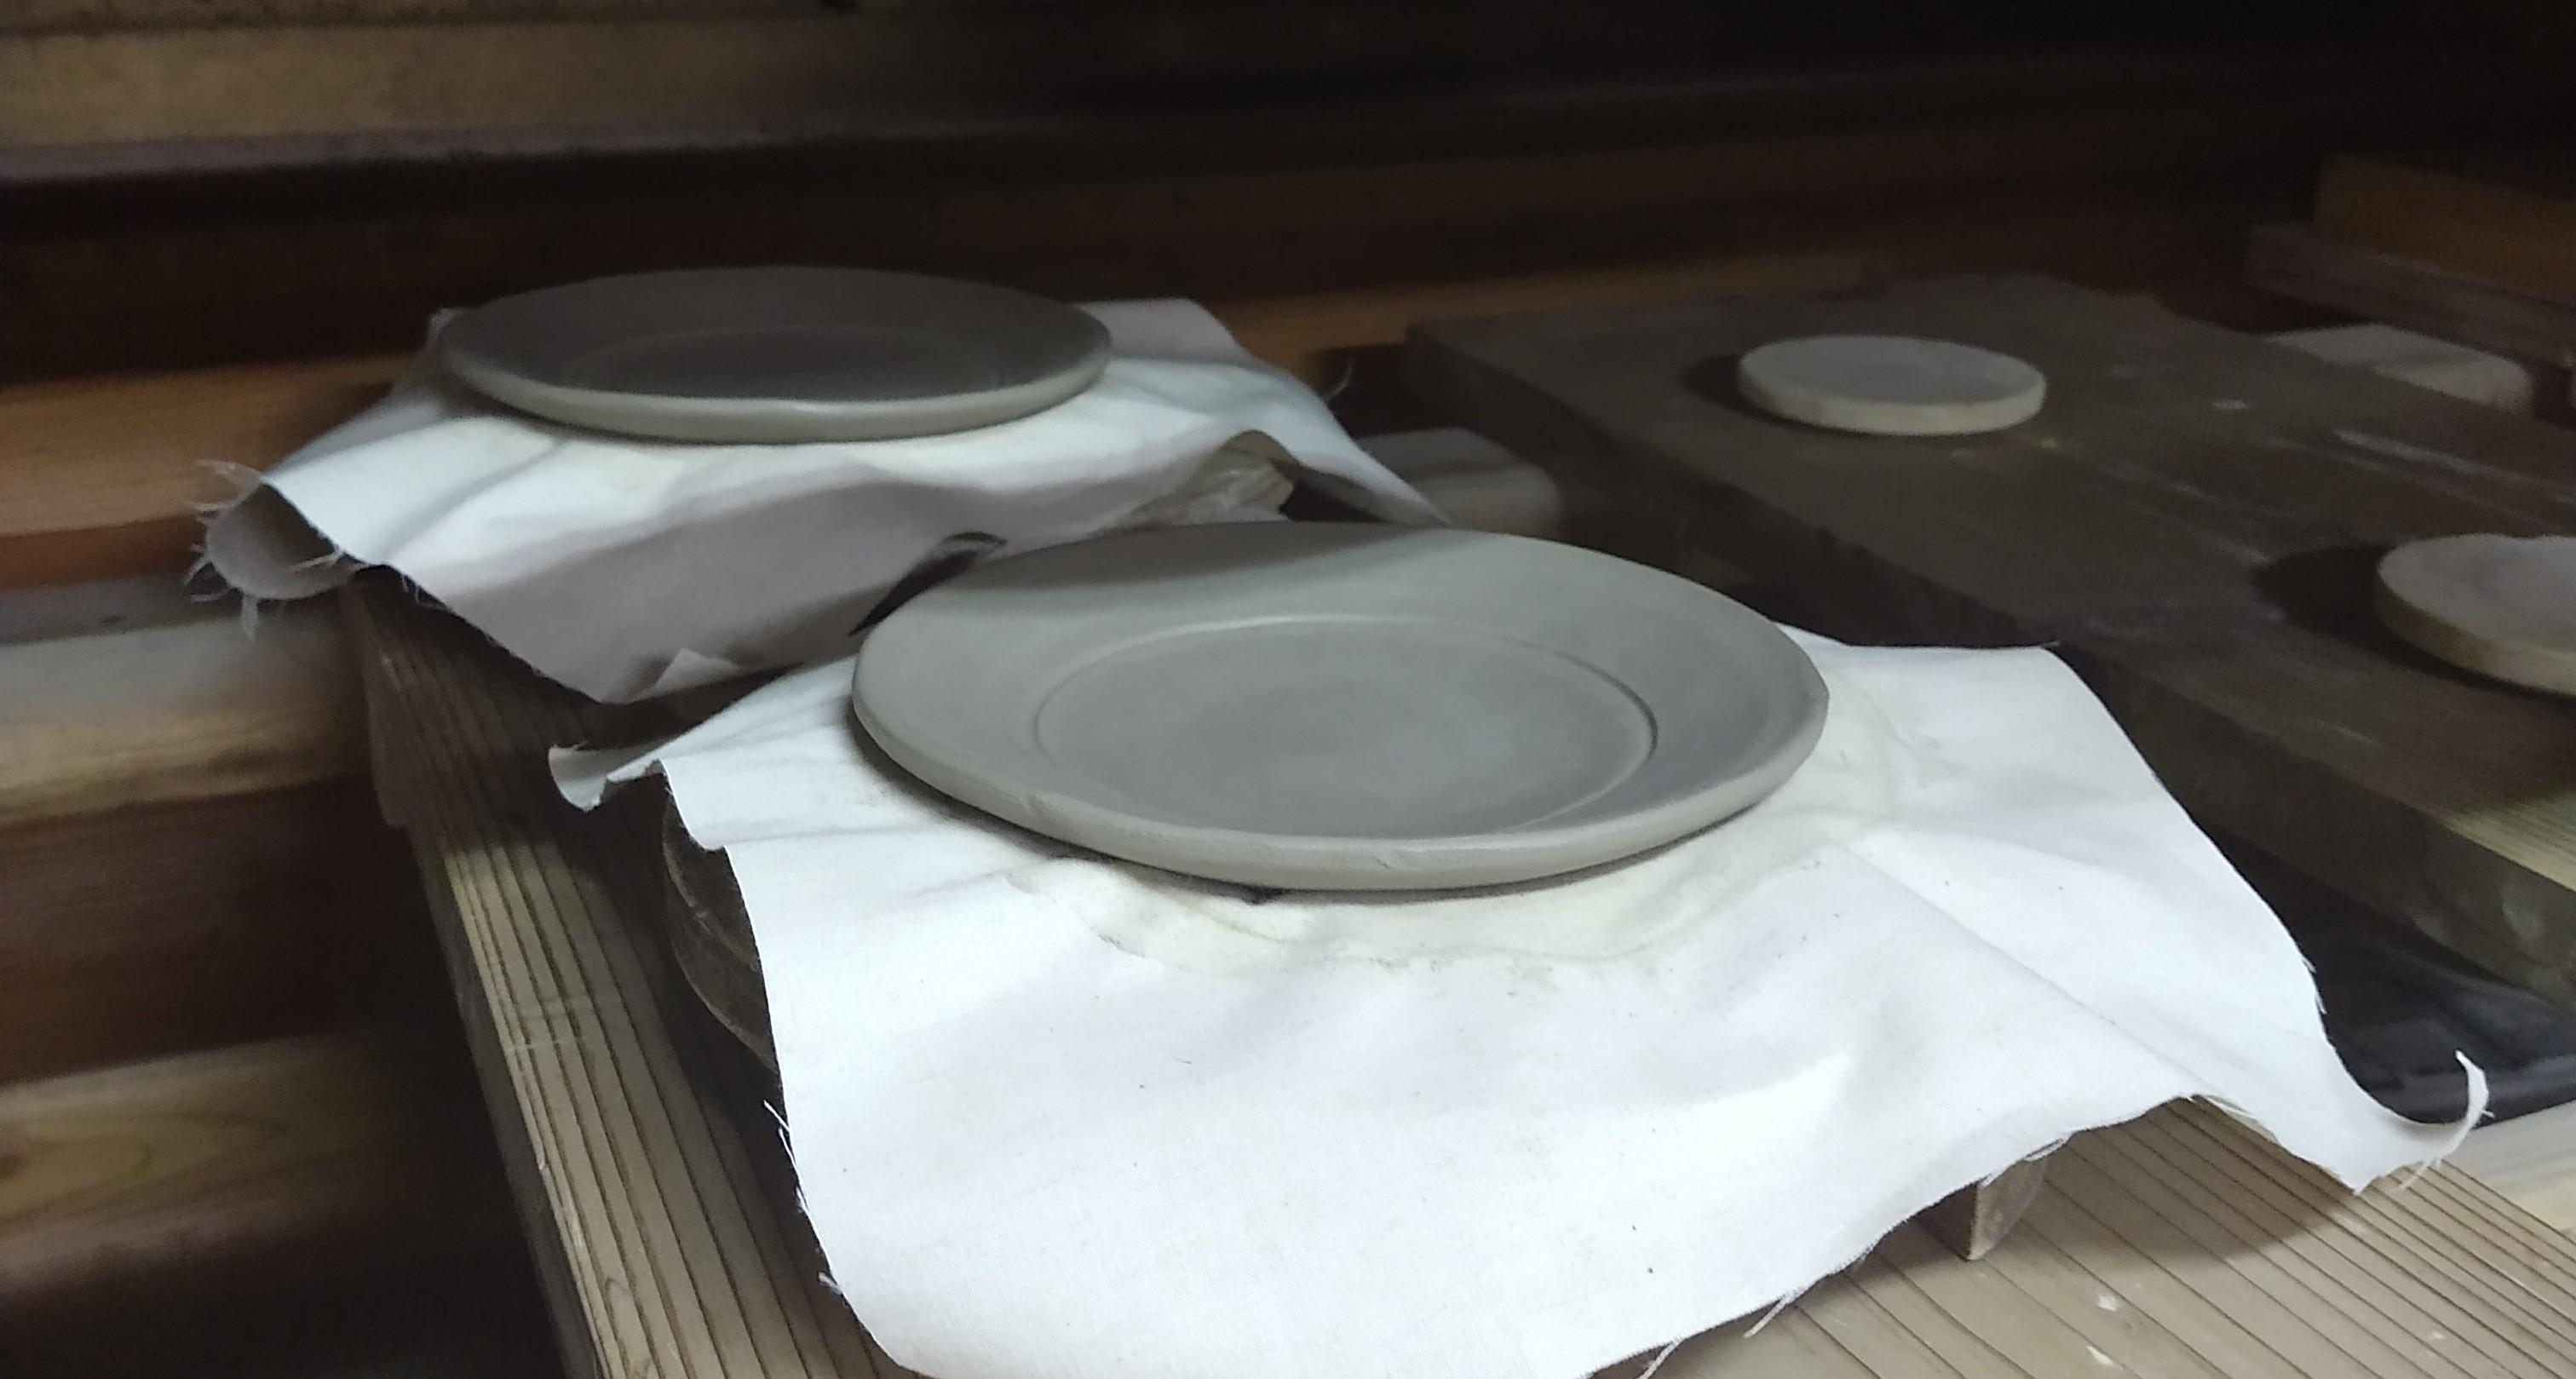 交趾土器皿ー手ひねり